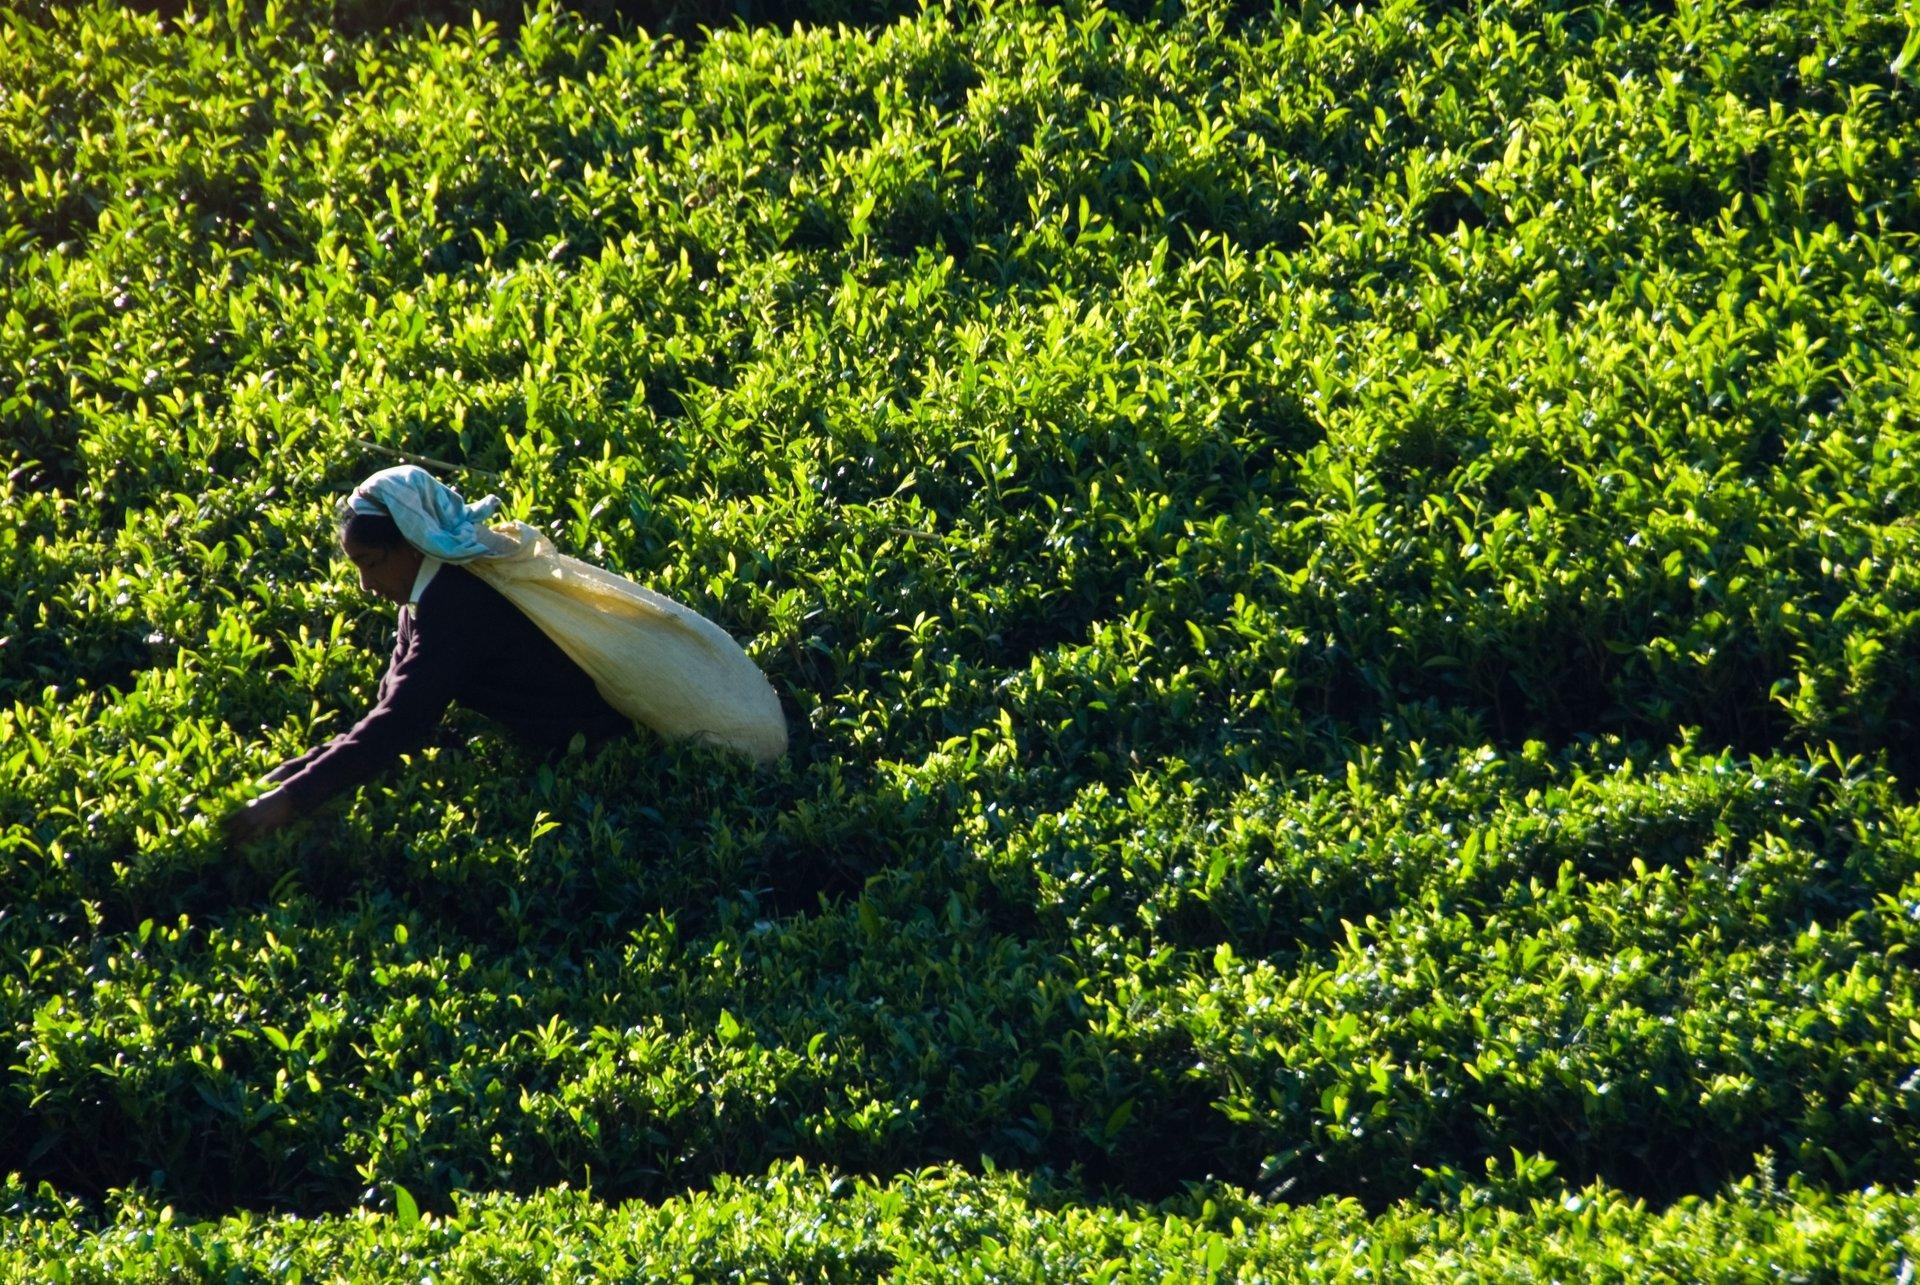 Tea Harvest in Sri Lanka 2019 - Best Time